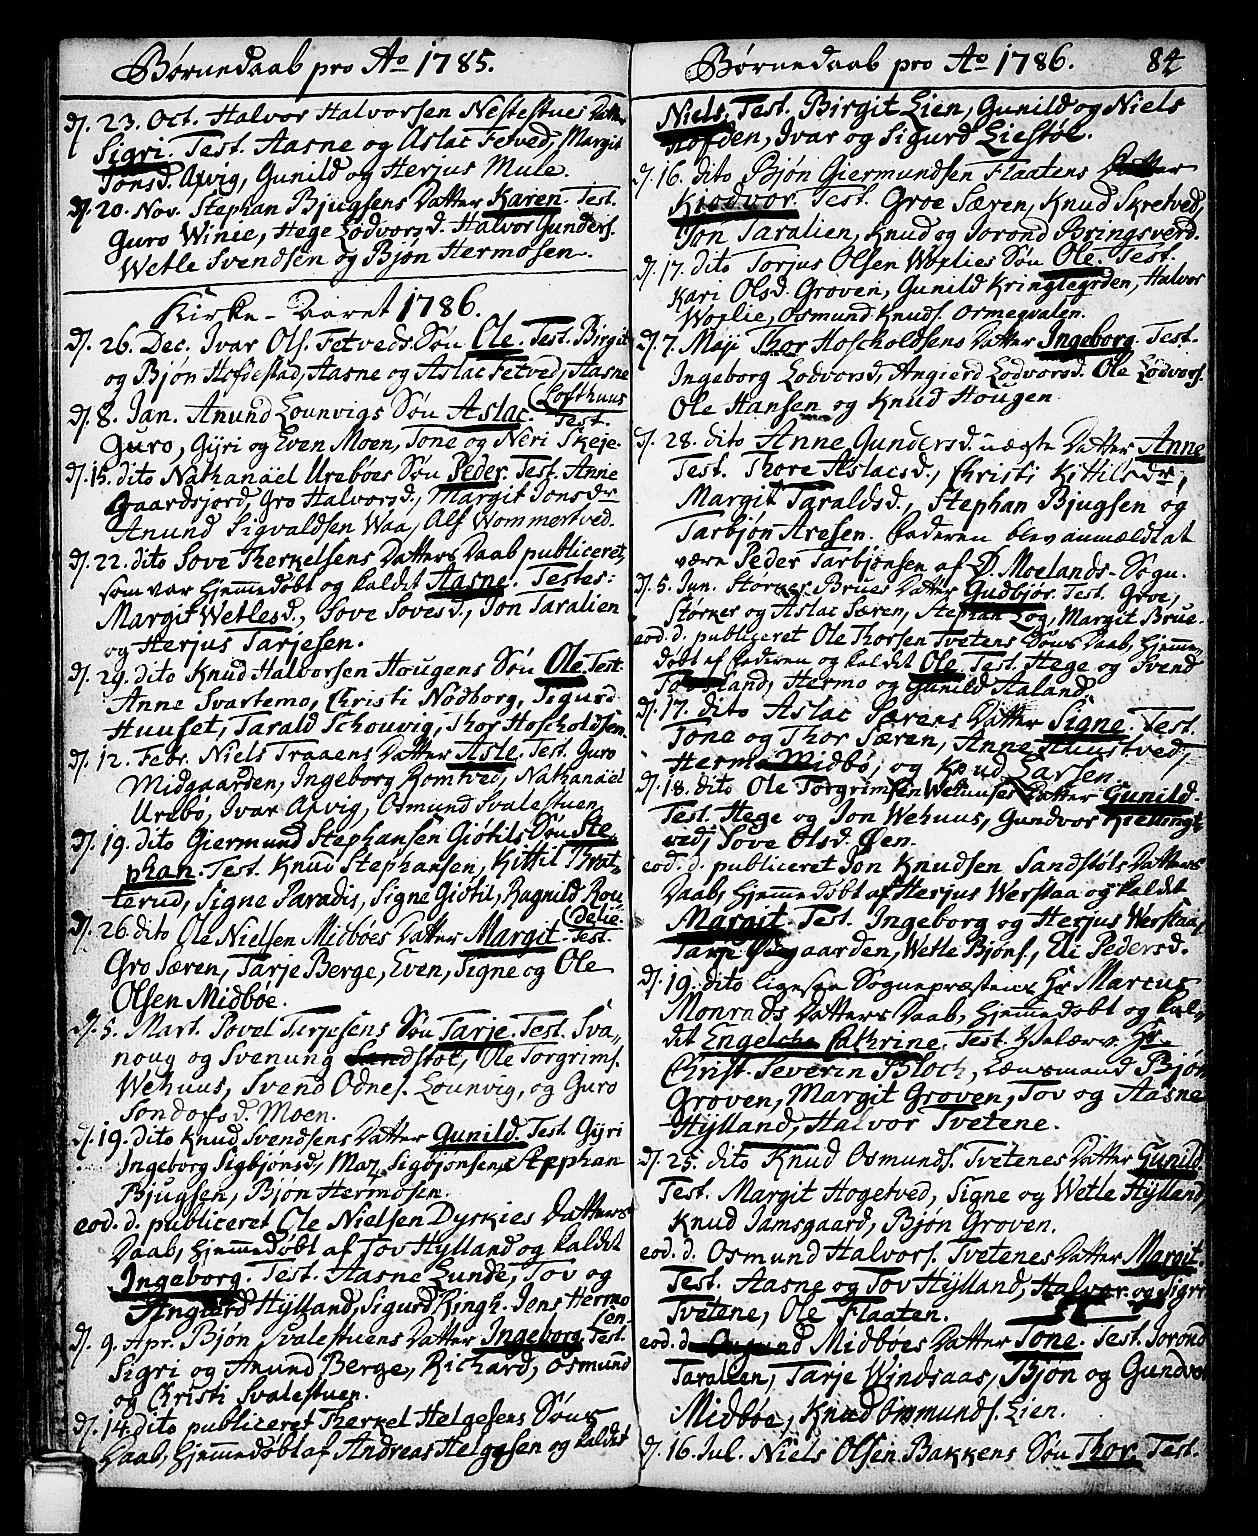 SAKO, Vinje kirkebøker, F/Fa/L0002: Ministerialbok nr. I 2, 1767-1814, s. 84